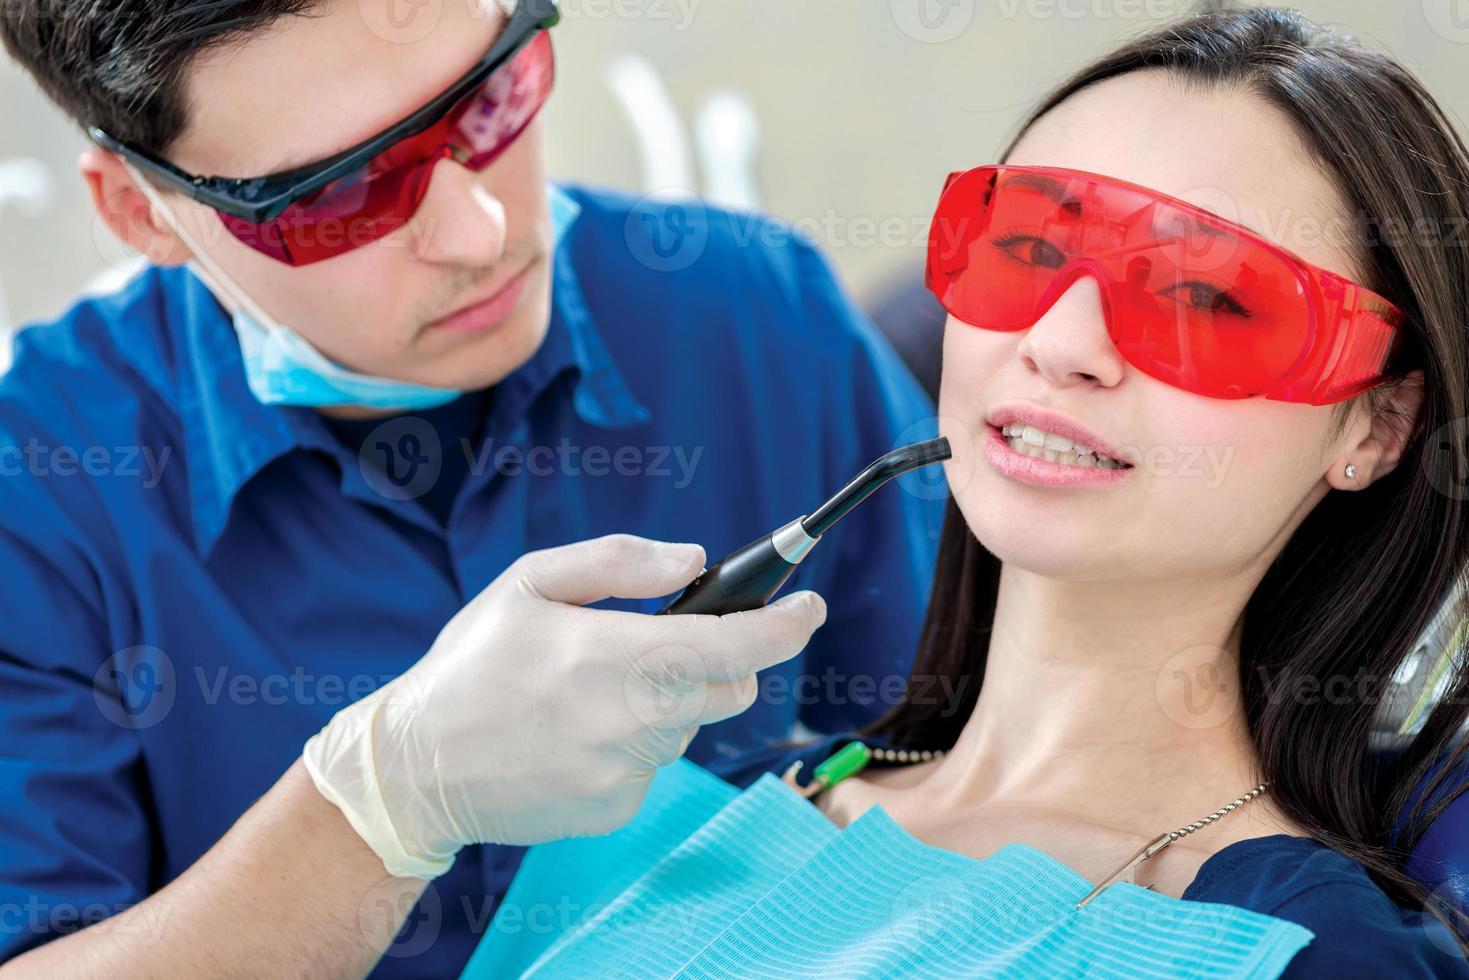 tandprocess. tandläkare som håller en ultraviolett lampa i munnen foto